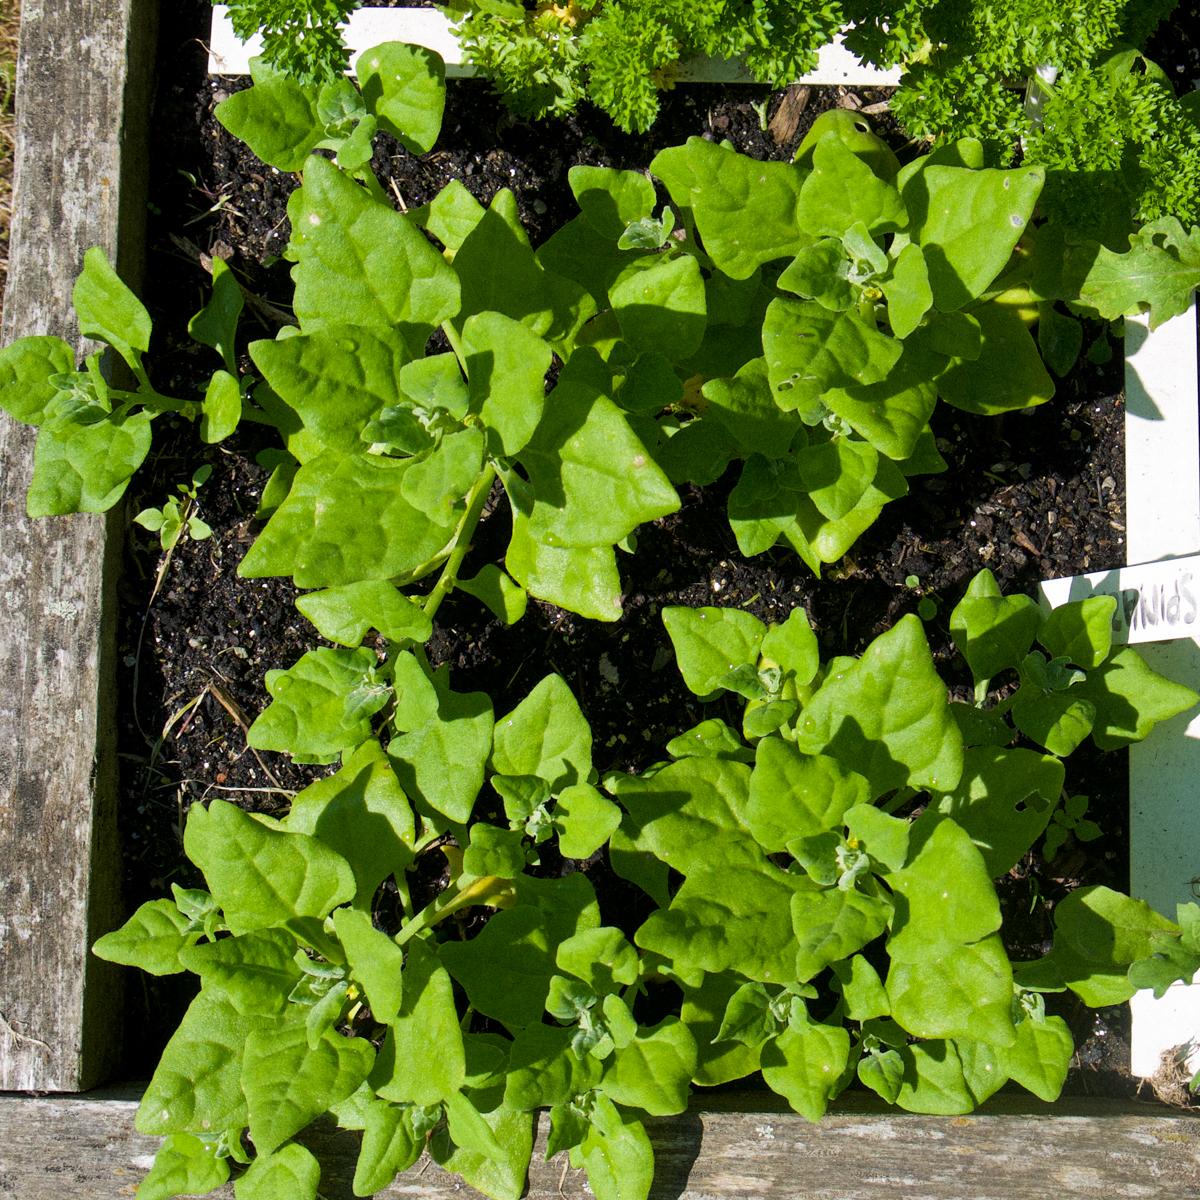 Medium Nieuw-Zeelandse spinazie plantjes in de Makkelijke Moestuin